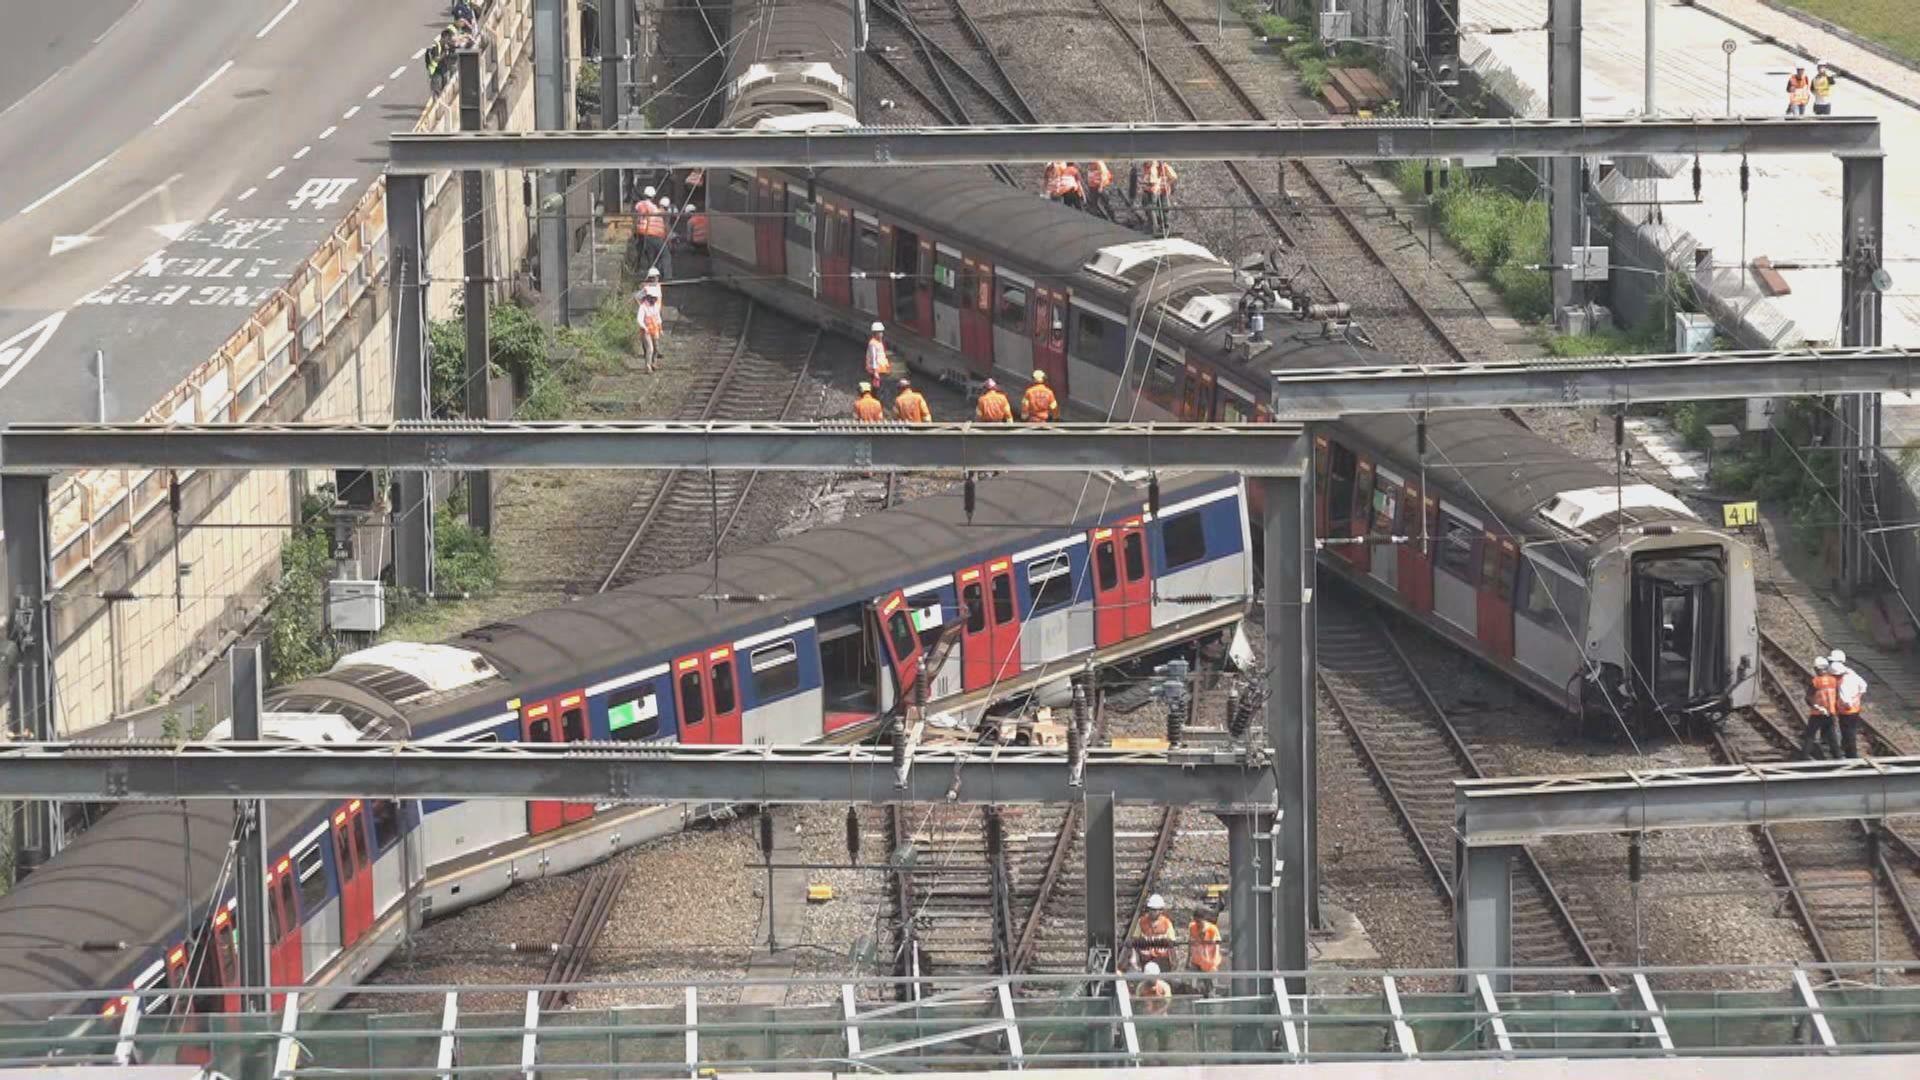 【紅磡出軌】目擊者︰當時列車急煞停